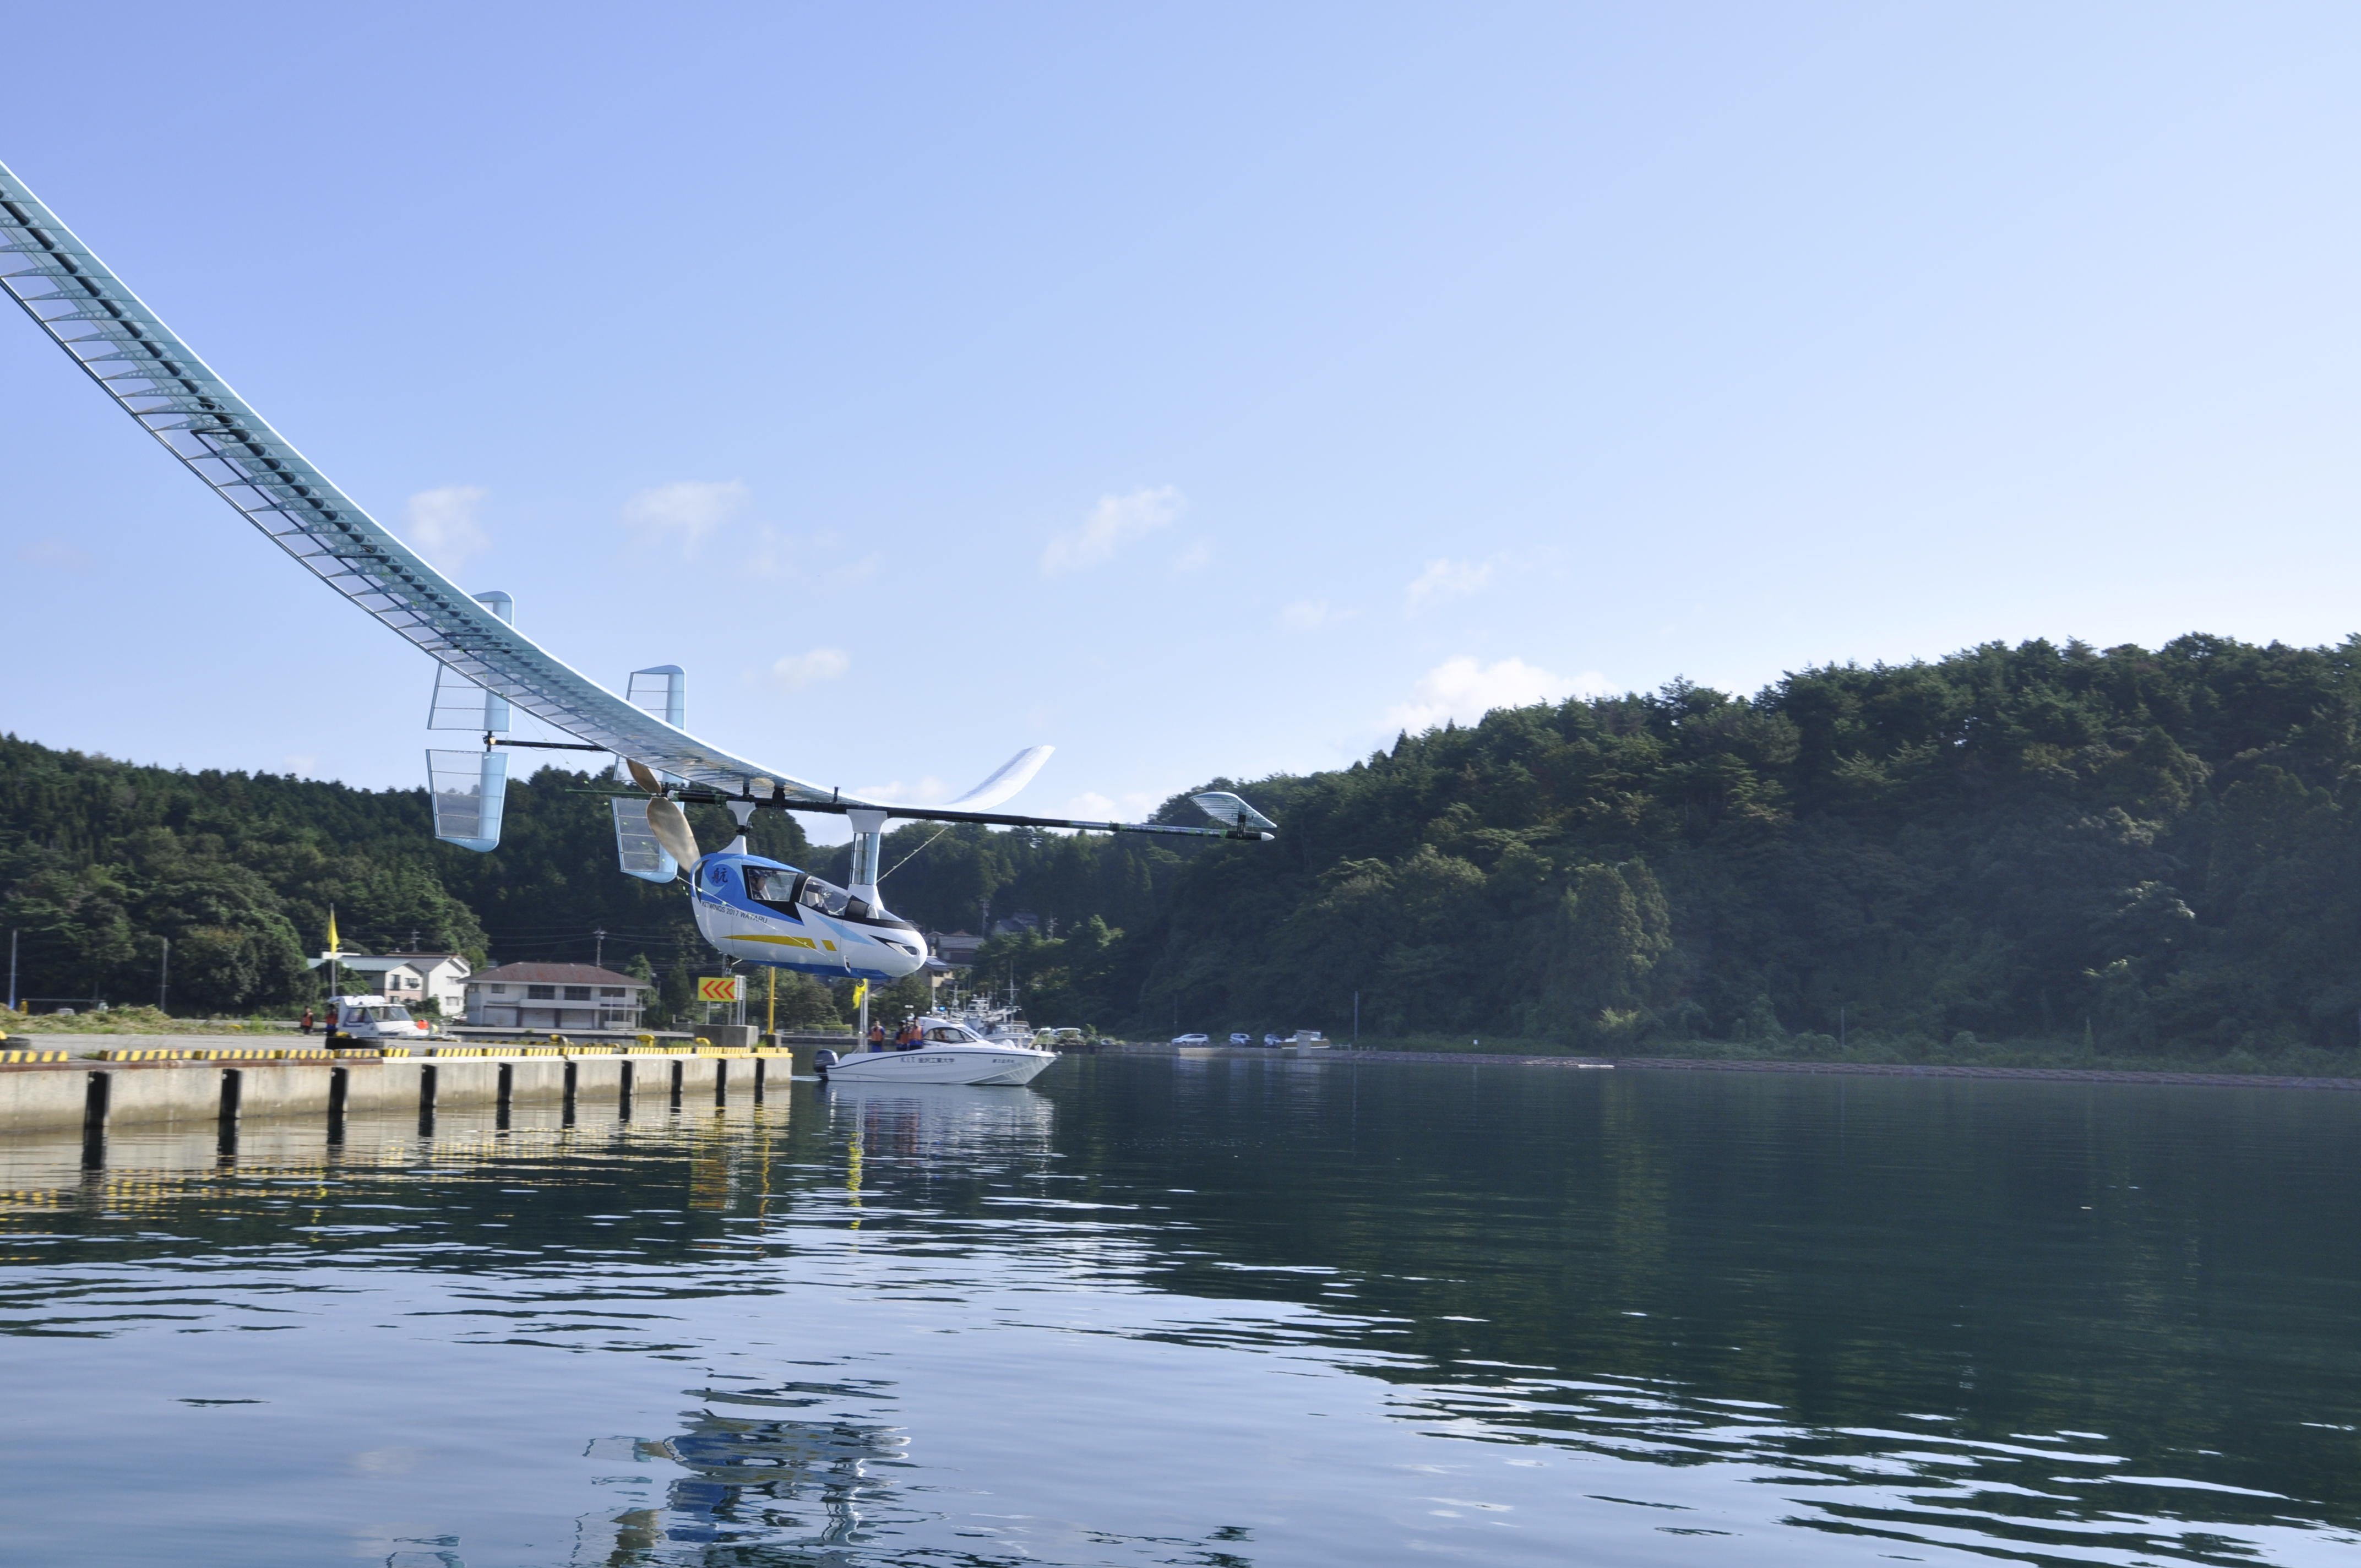 夢考房人力飛行機プロジェクトが穴水湾での飛行に挑戦。令和元年8月6日(火)から8月9日(金)までの期間のいずれか1日で実施